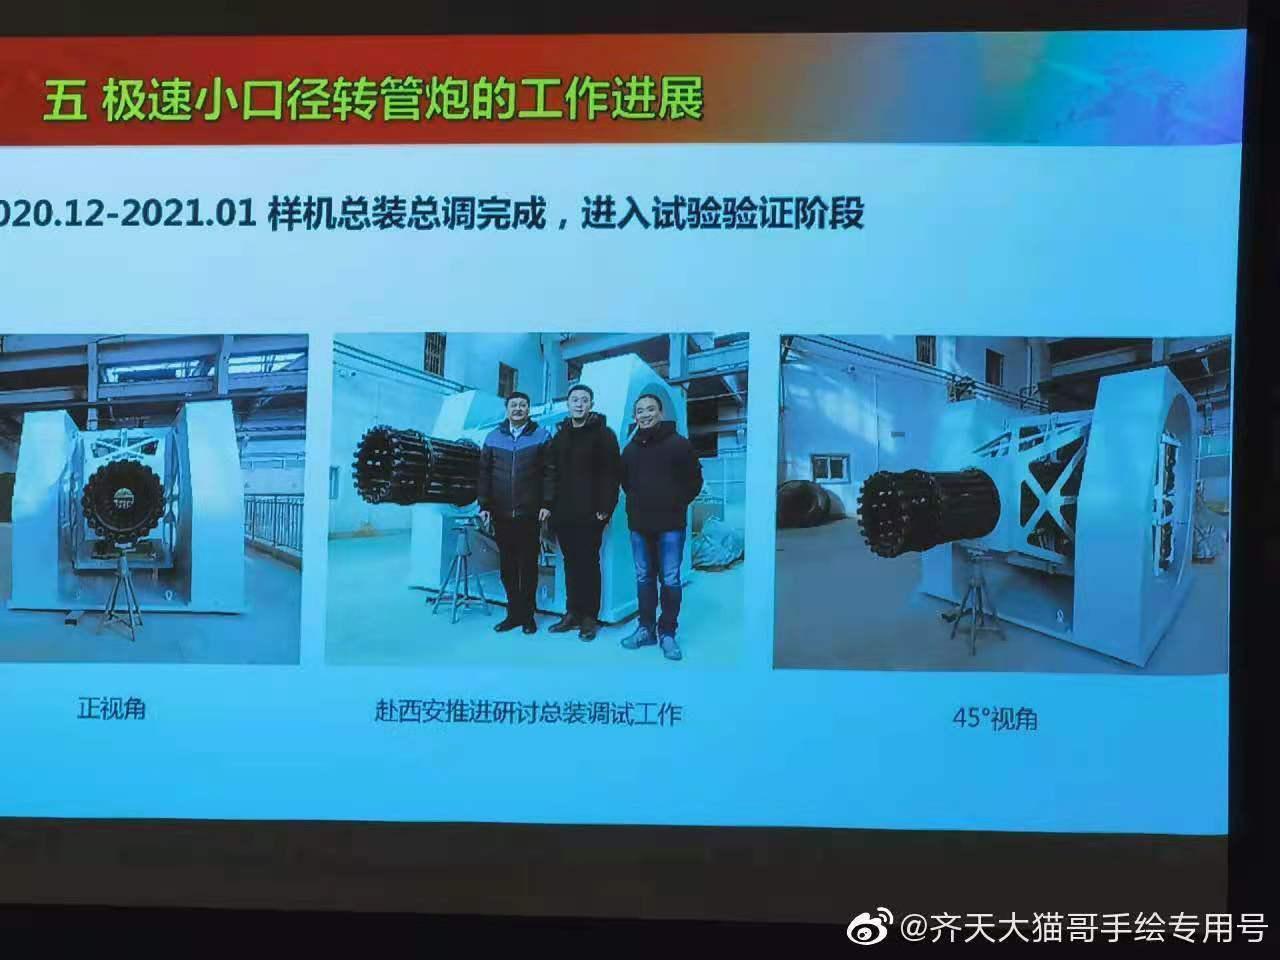 بر اساس گزارش ها، یک مسلسل گاتلینگ قدرتمند جدید با 20 لوله در چین در حال توسعه است که آن را به یکی از عجیب ترین و البته قدرتمندترین مسلسل های گاتلینگ تبدیل می کند.